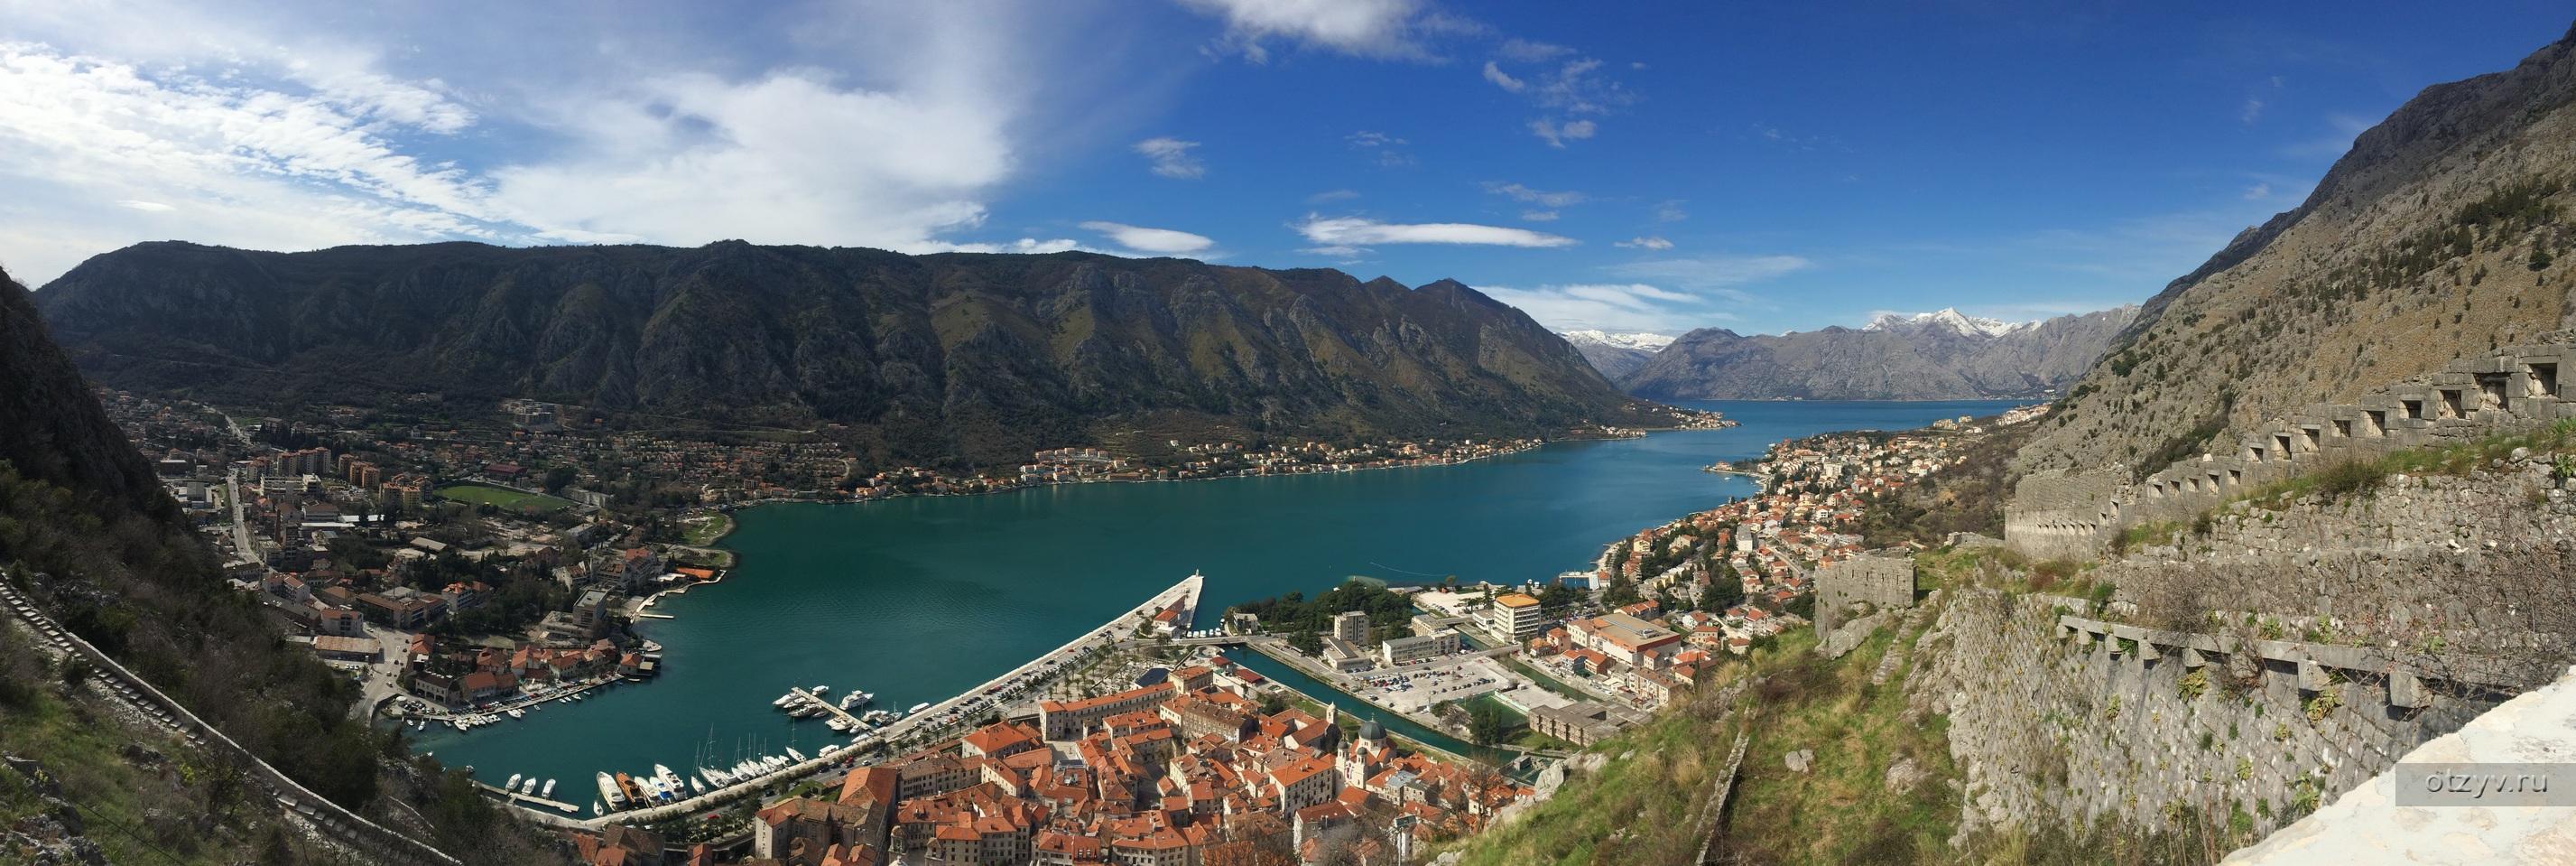 сейчас фото черногория в марте ниндзя